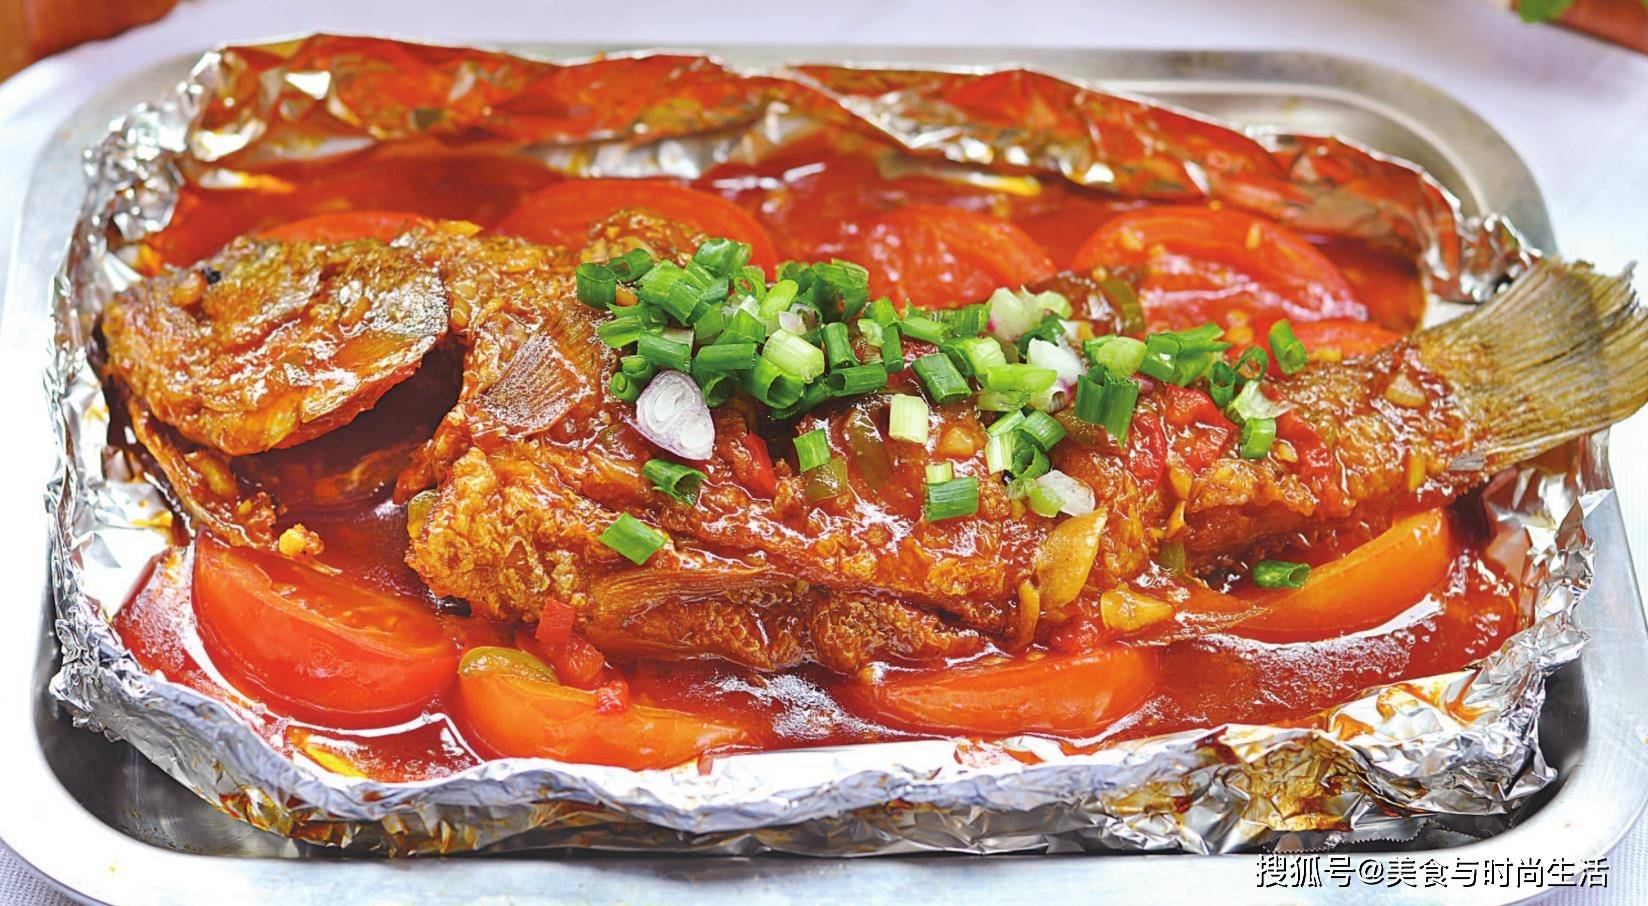 吃腻了水煮、清蒸、红烧鱼,这做法一定试试,简单快手,肉嫩鲜香